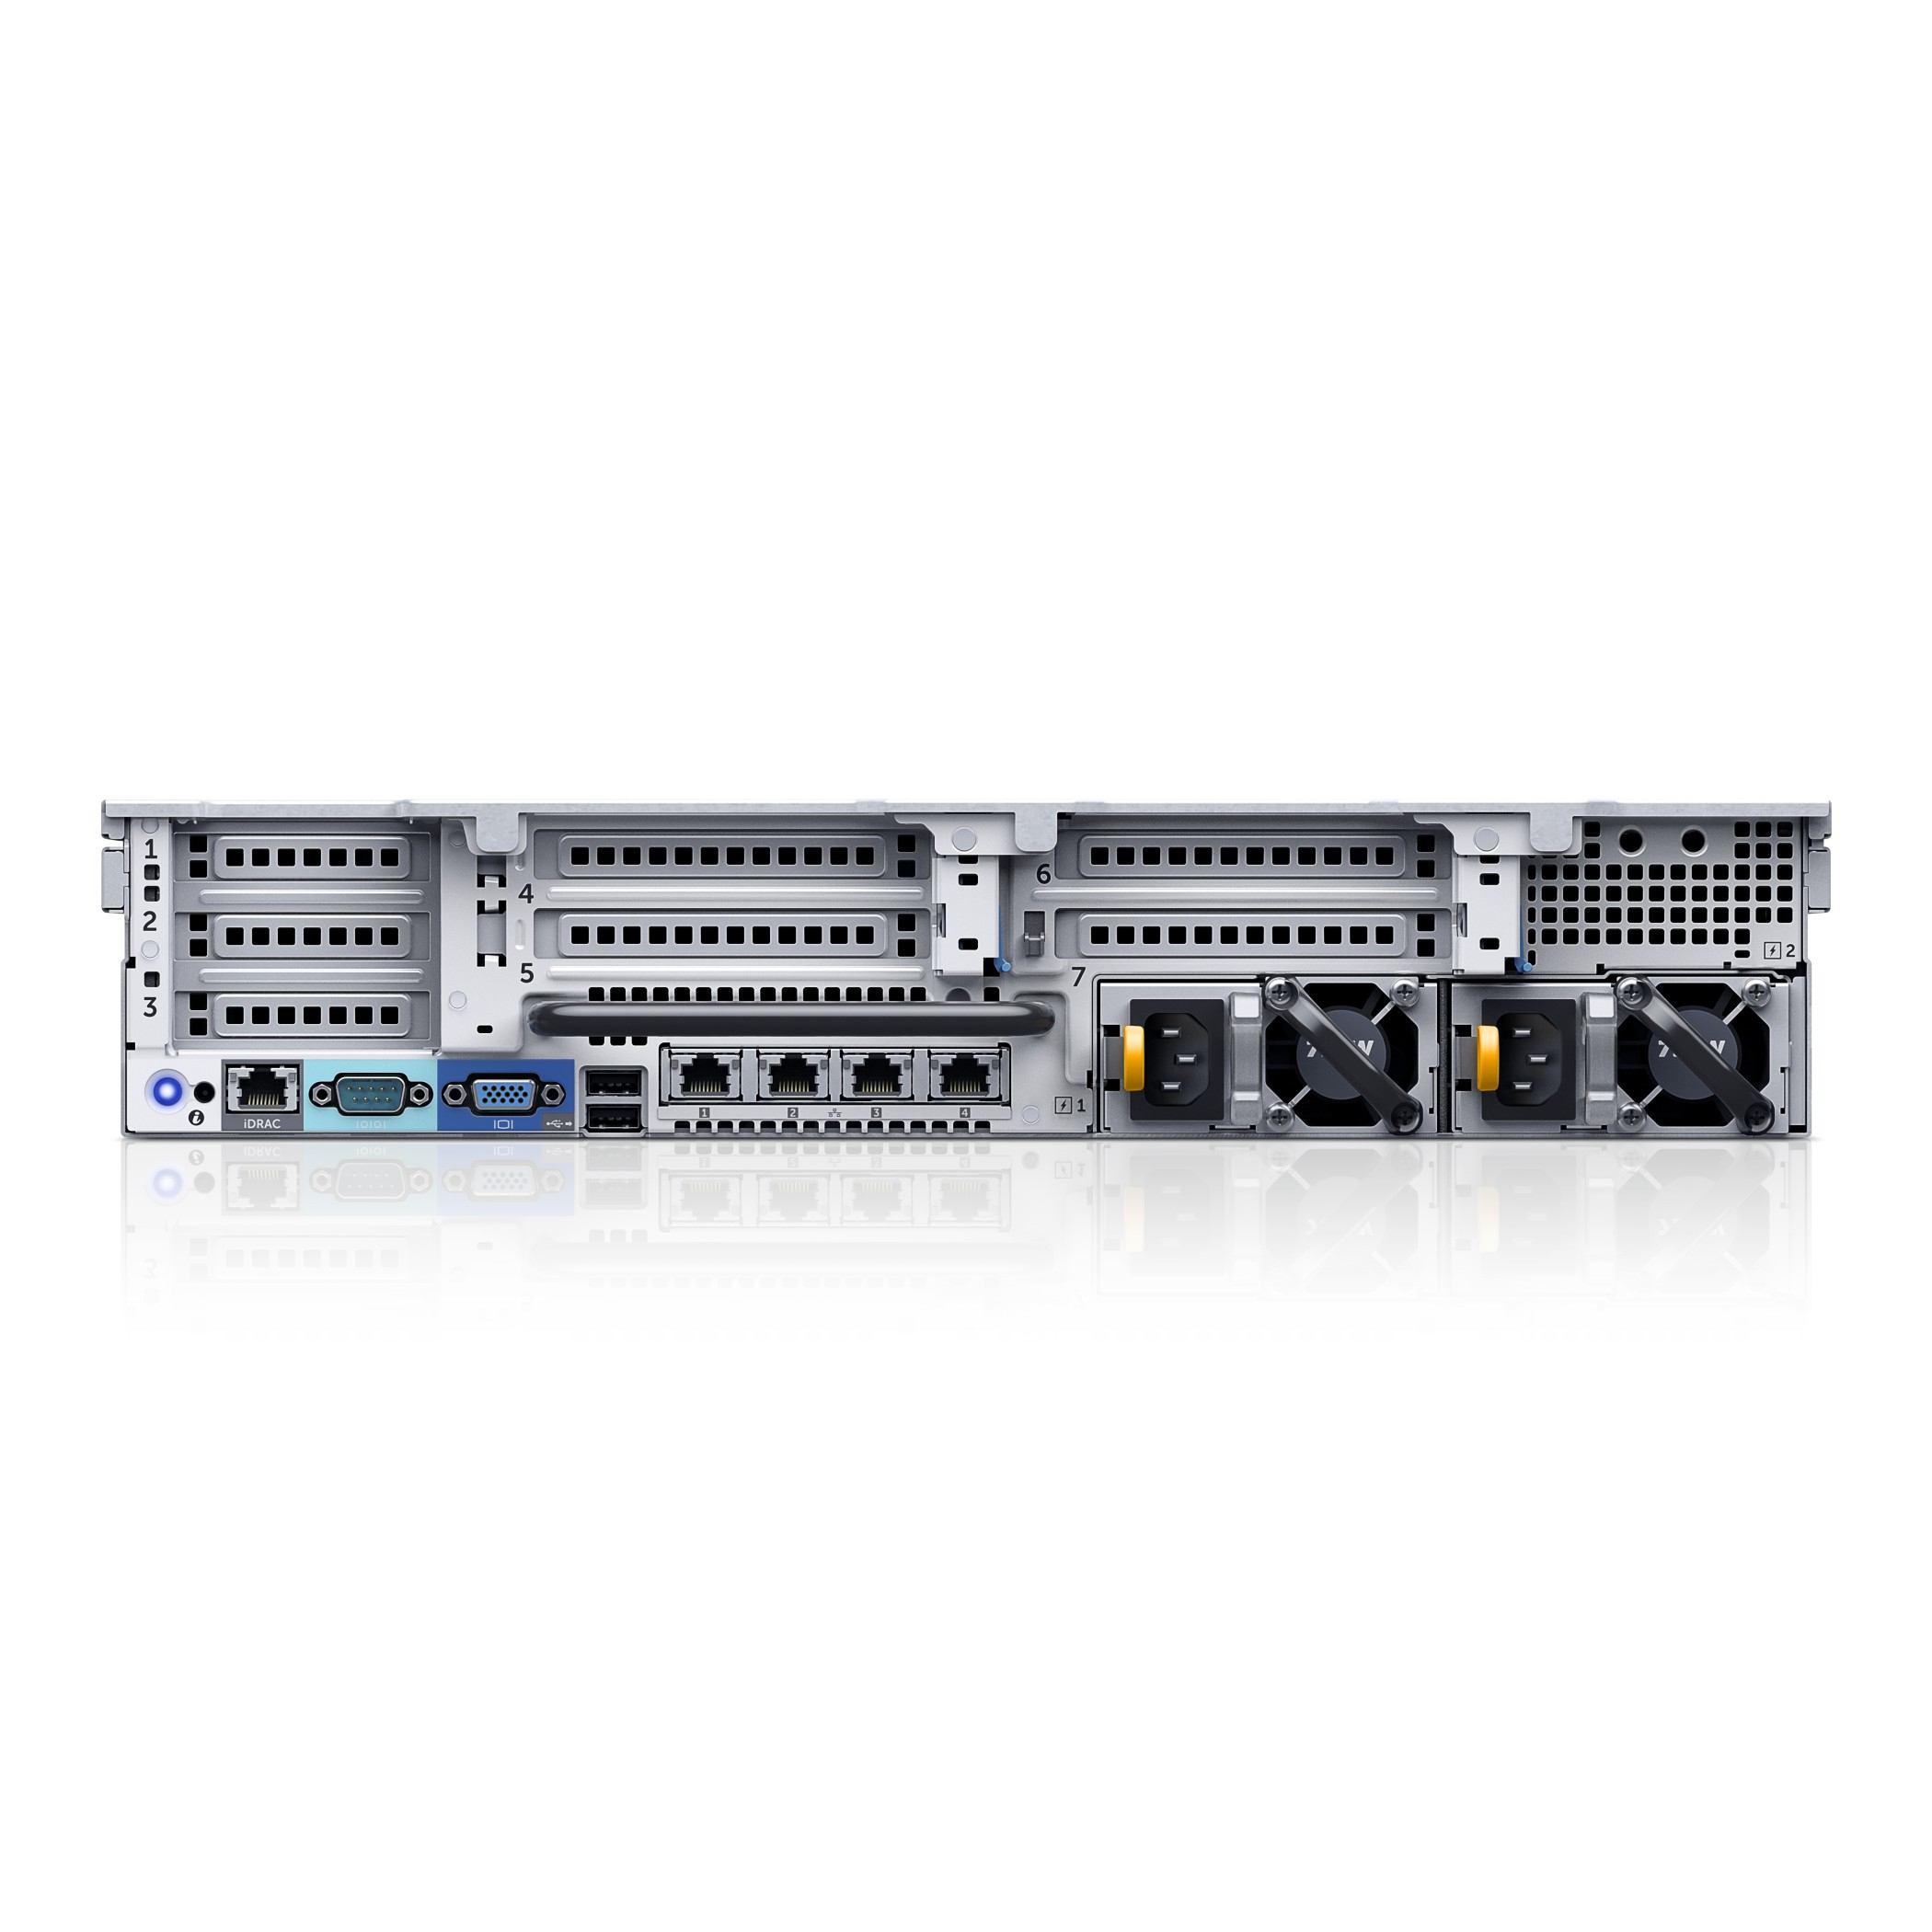 Idrac Network Speed